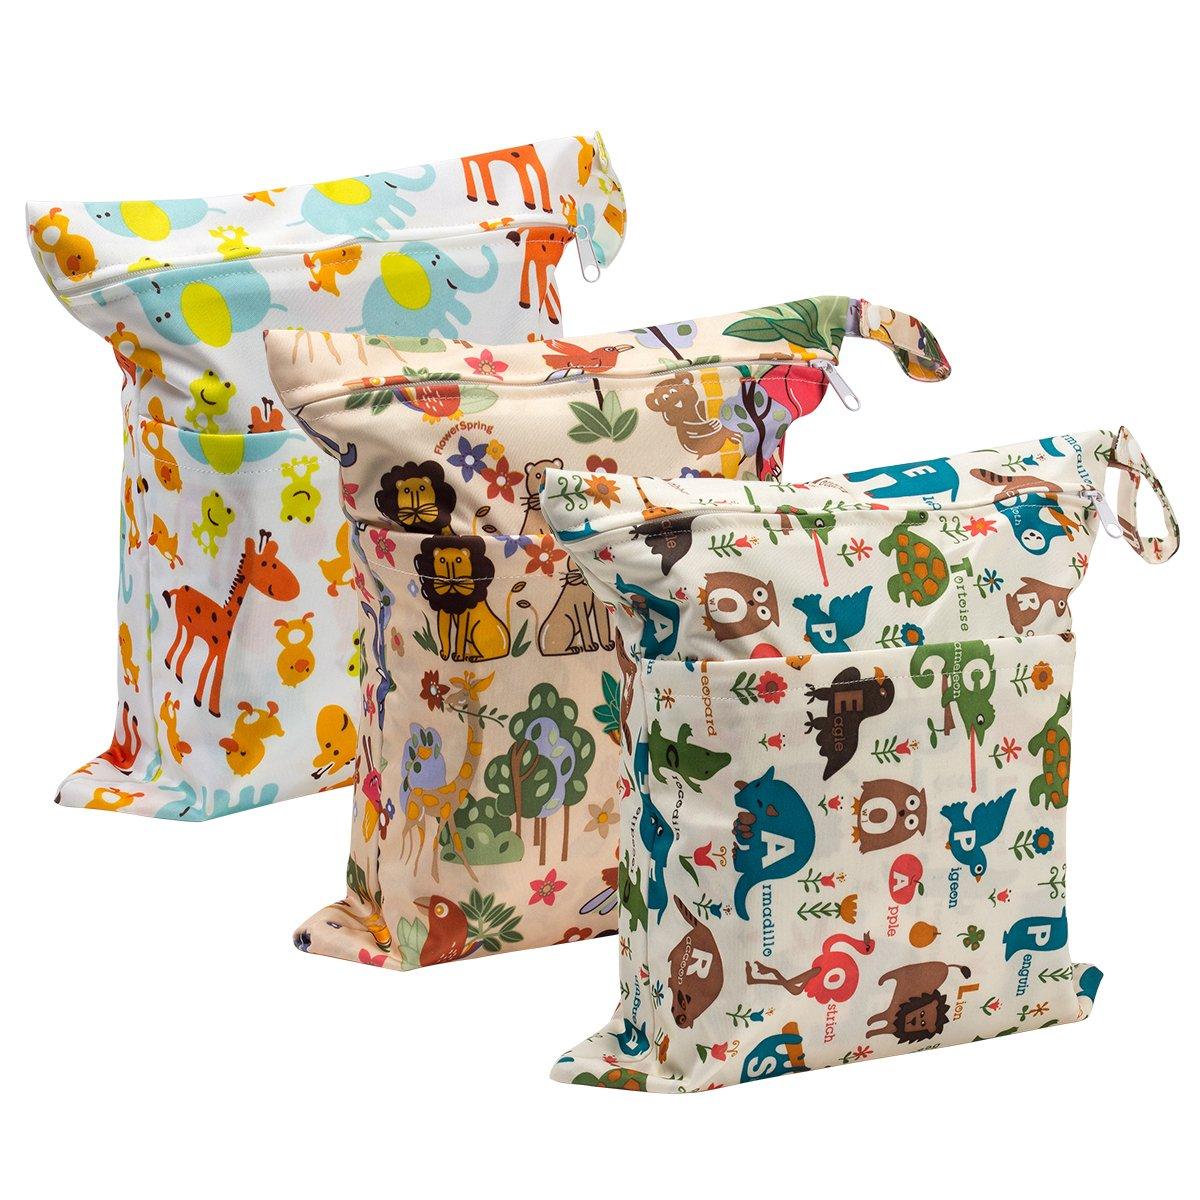 Biubee Pack Cloth Diaper Bags